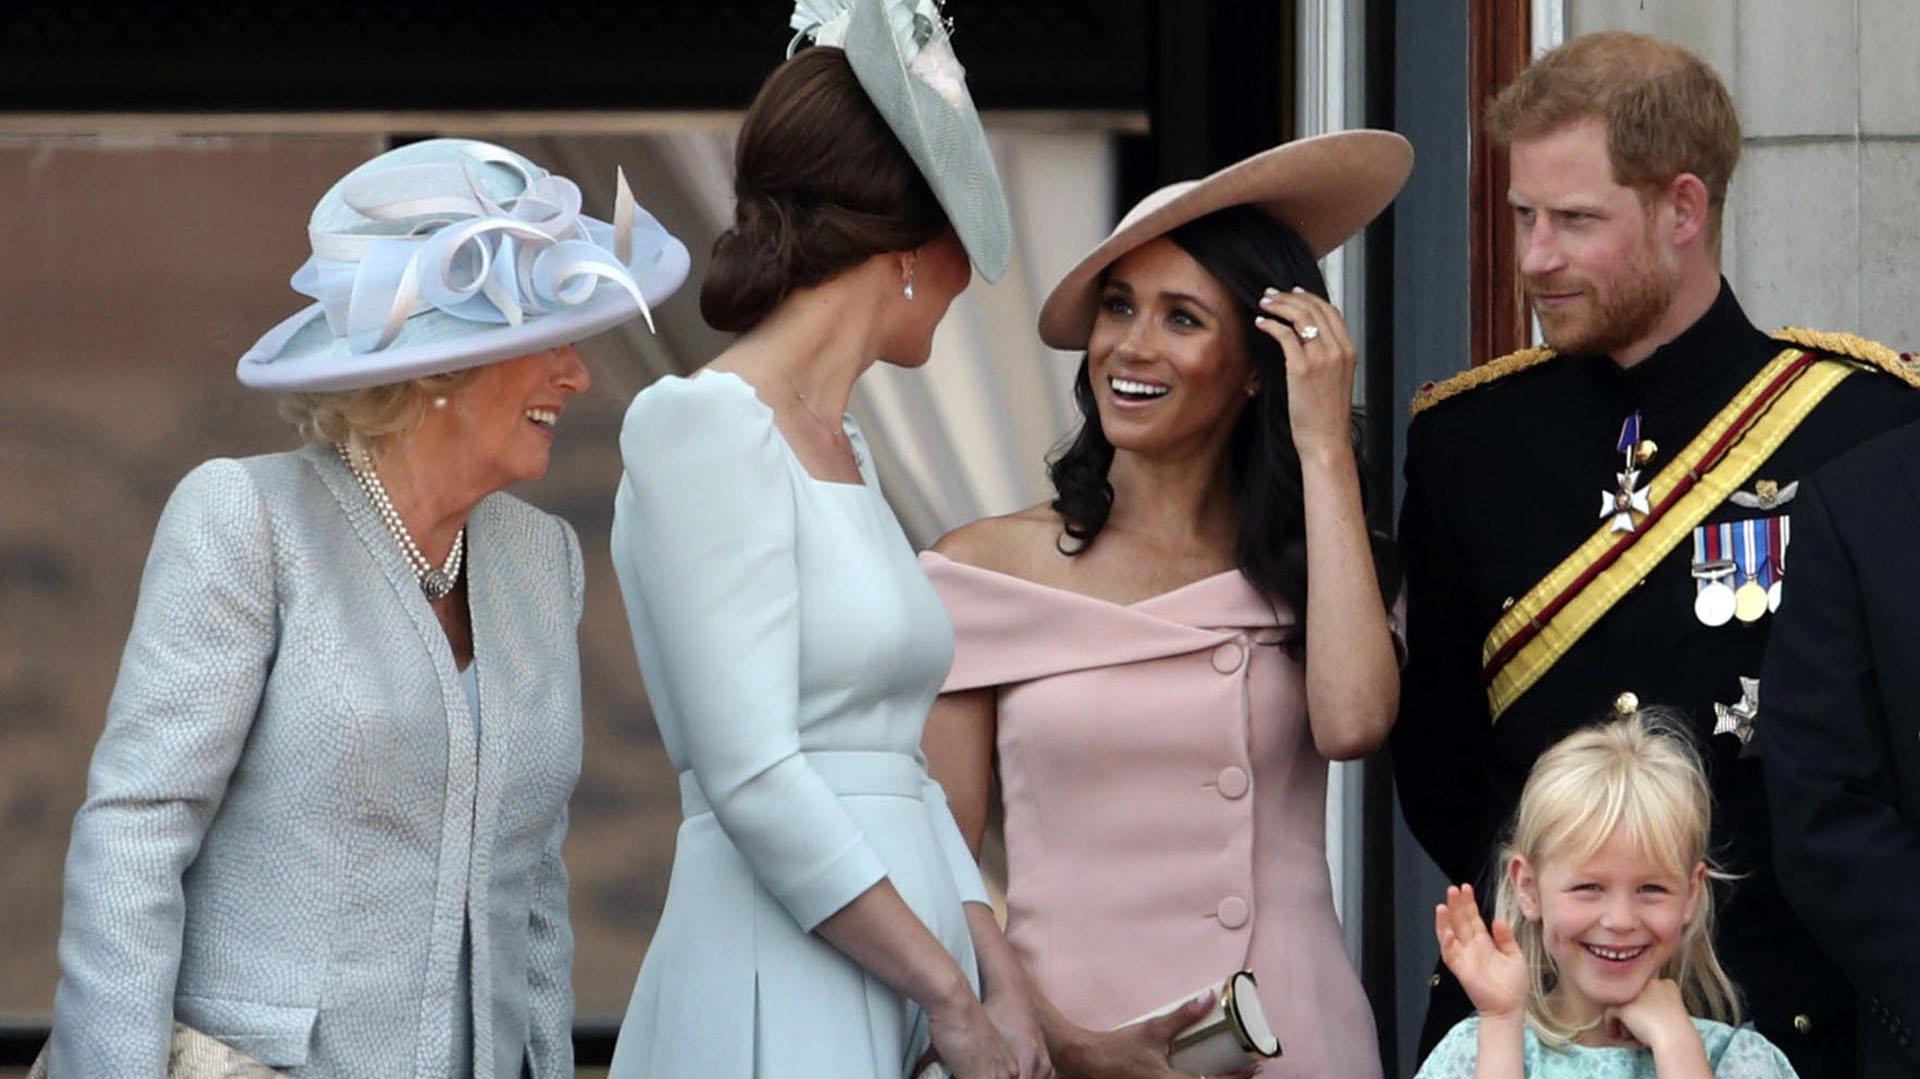 El Principe Harry Conto Por Primera Vez La Verdad Sobre Su Relacion Con Camilla Parker La Amante De Su Padre Infobae